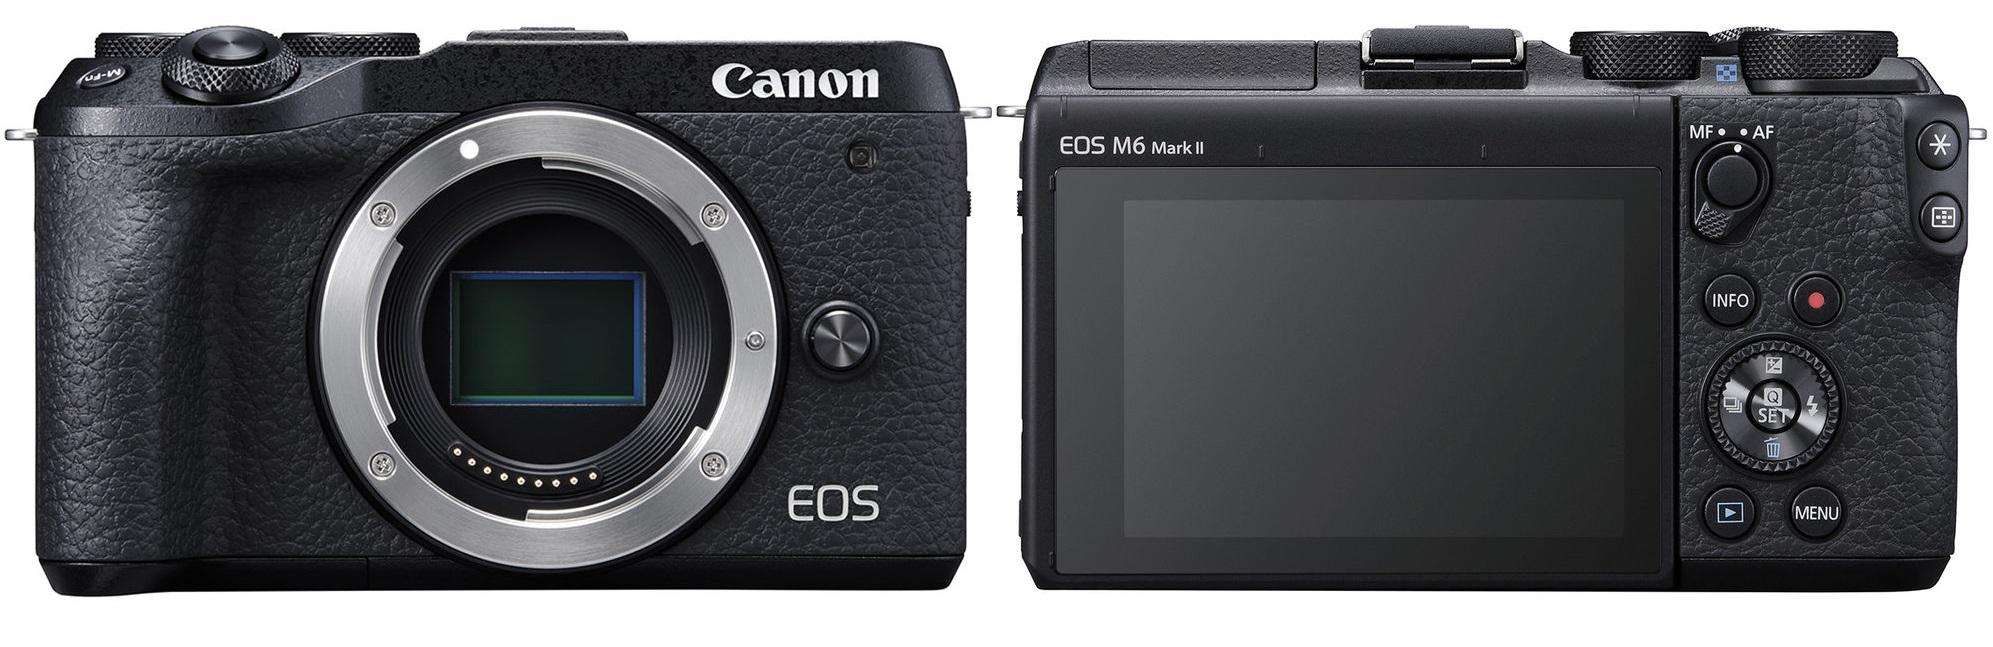 Canon EOS 90D DSLR & EOS M6 Mark II Mirrorless Announced